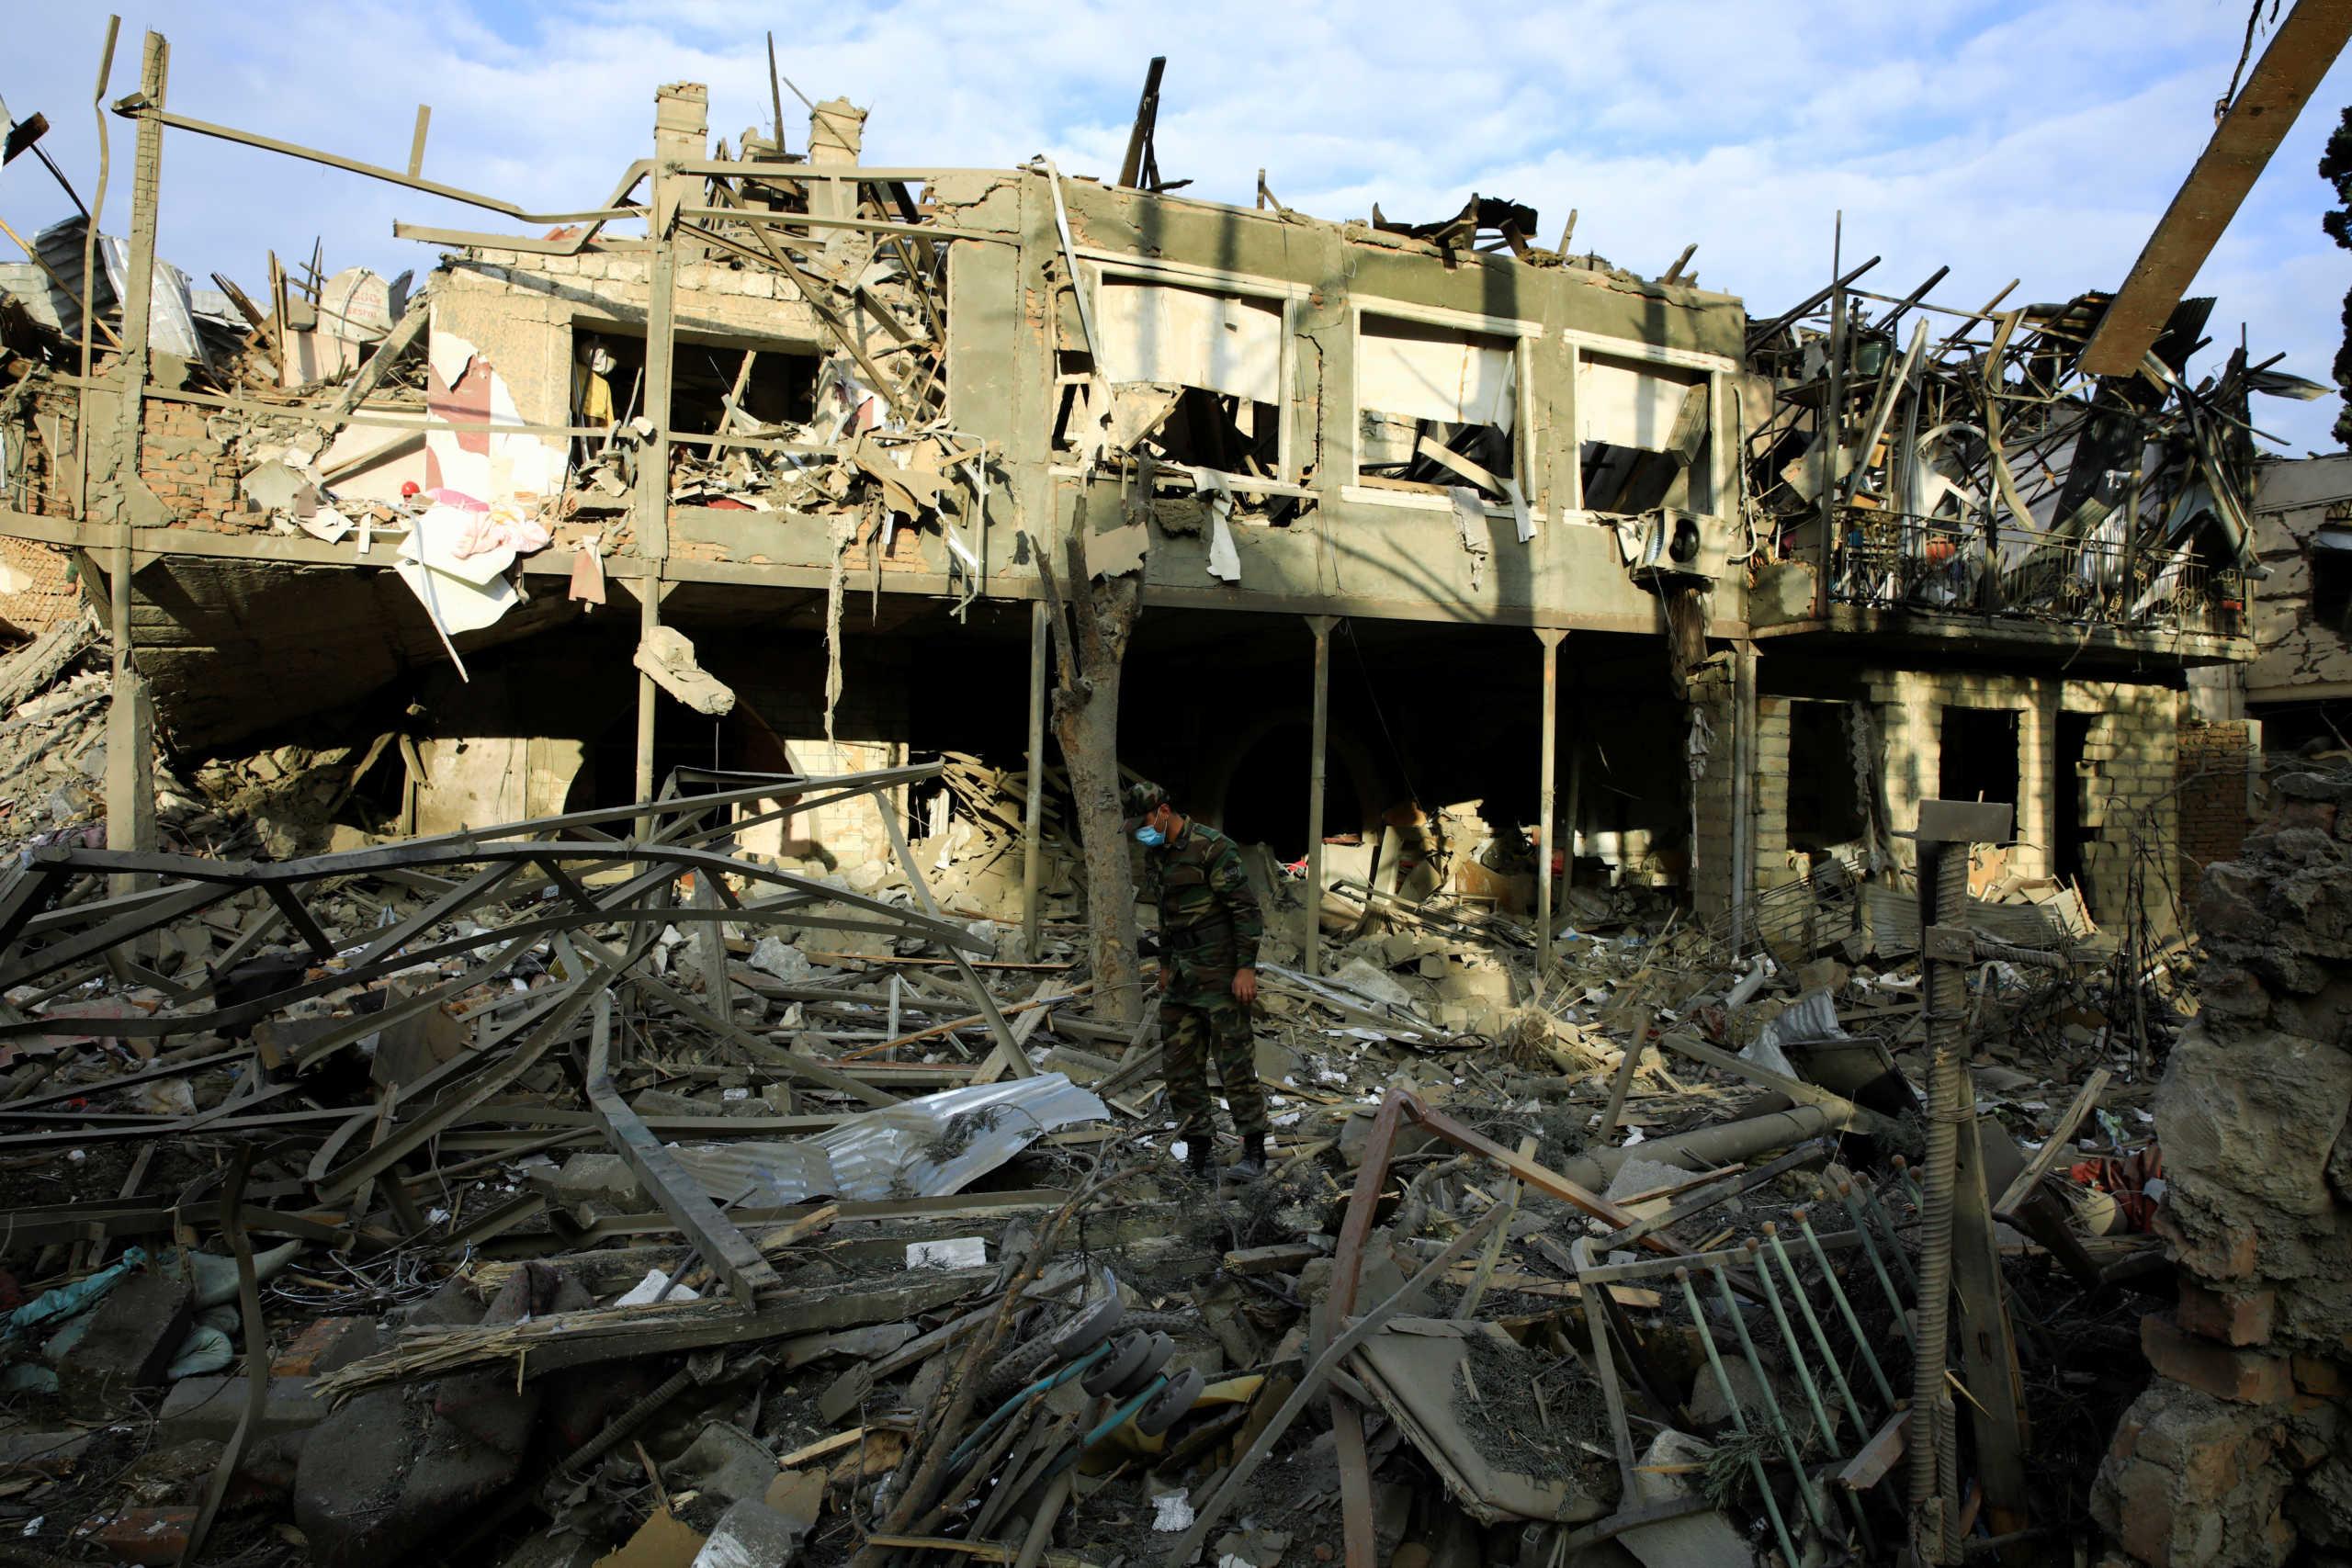 Ναγκόρνο Καραμπάχ: Κατάπαυση του πυρός ζήτησε ο Αμερικανός ΥΠΕΞ Μάικ Πομπέο